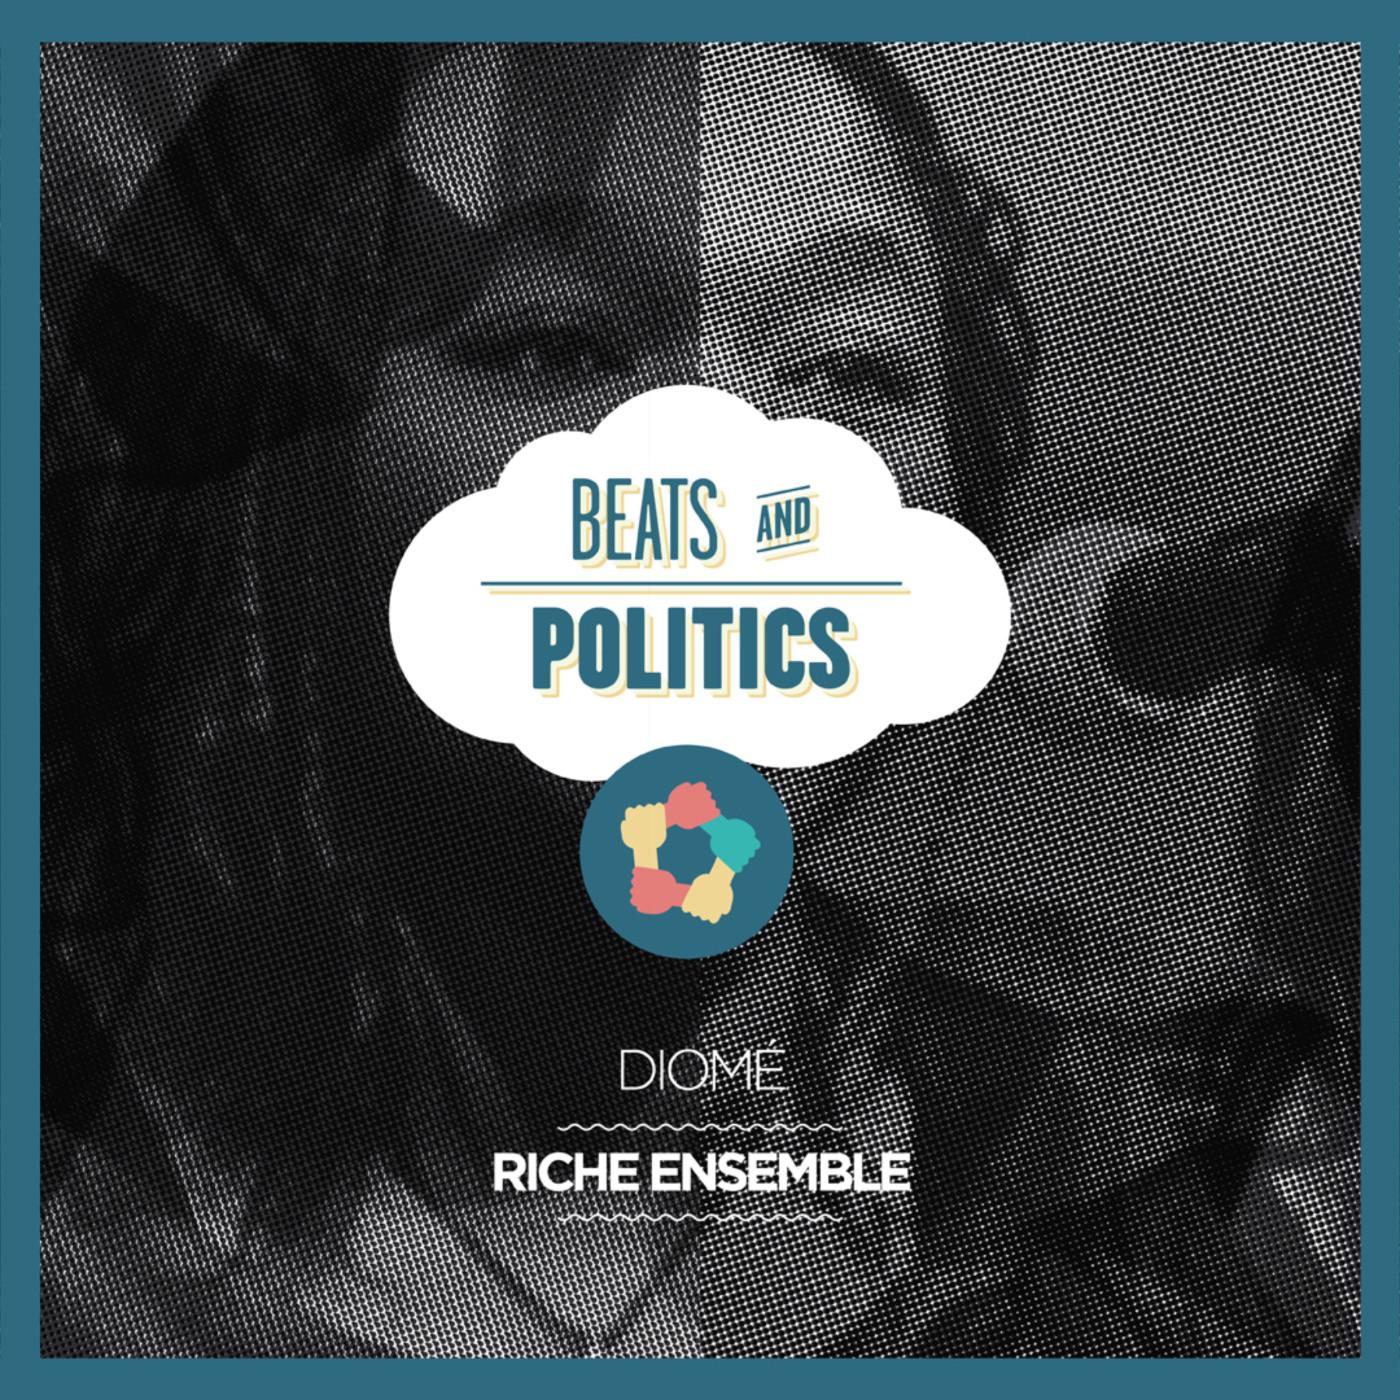 Fatou Diomé : Il y a des étrangers utiles et des étrangers néfastes